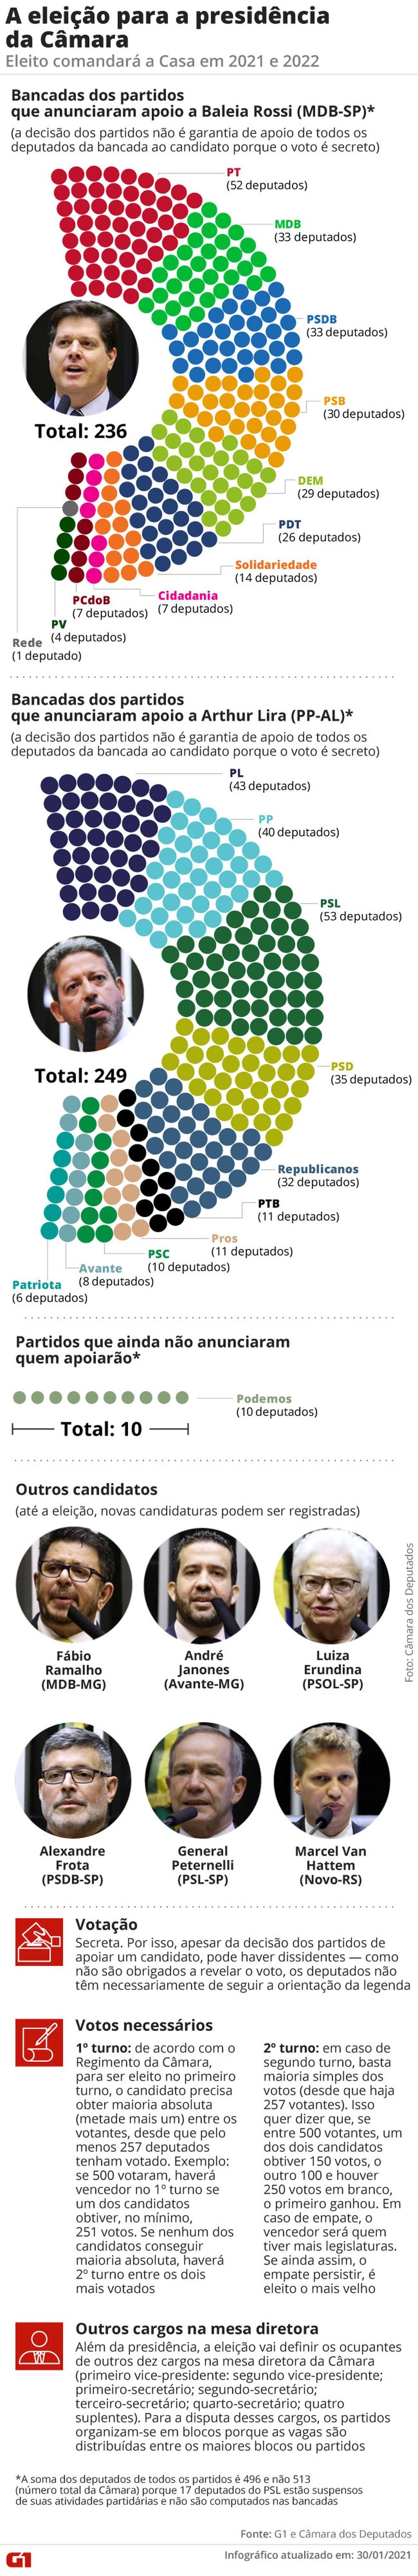 A eleição para a presidência da Câmara — Foto: Editoria de Arte/G1